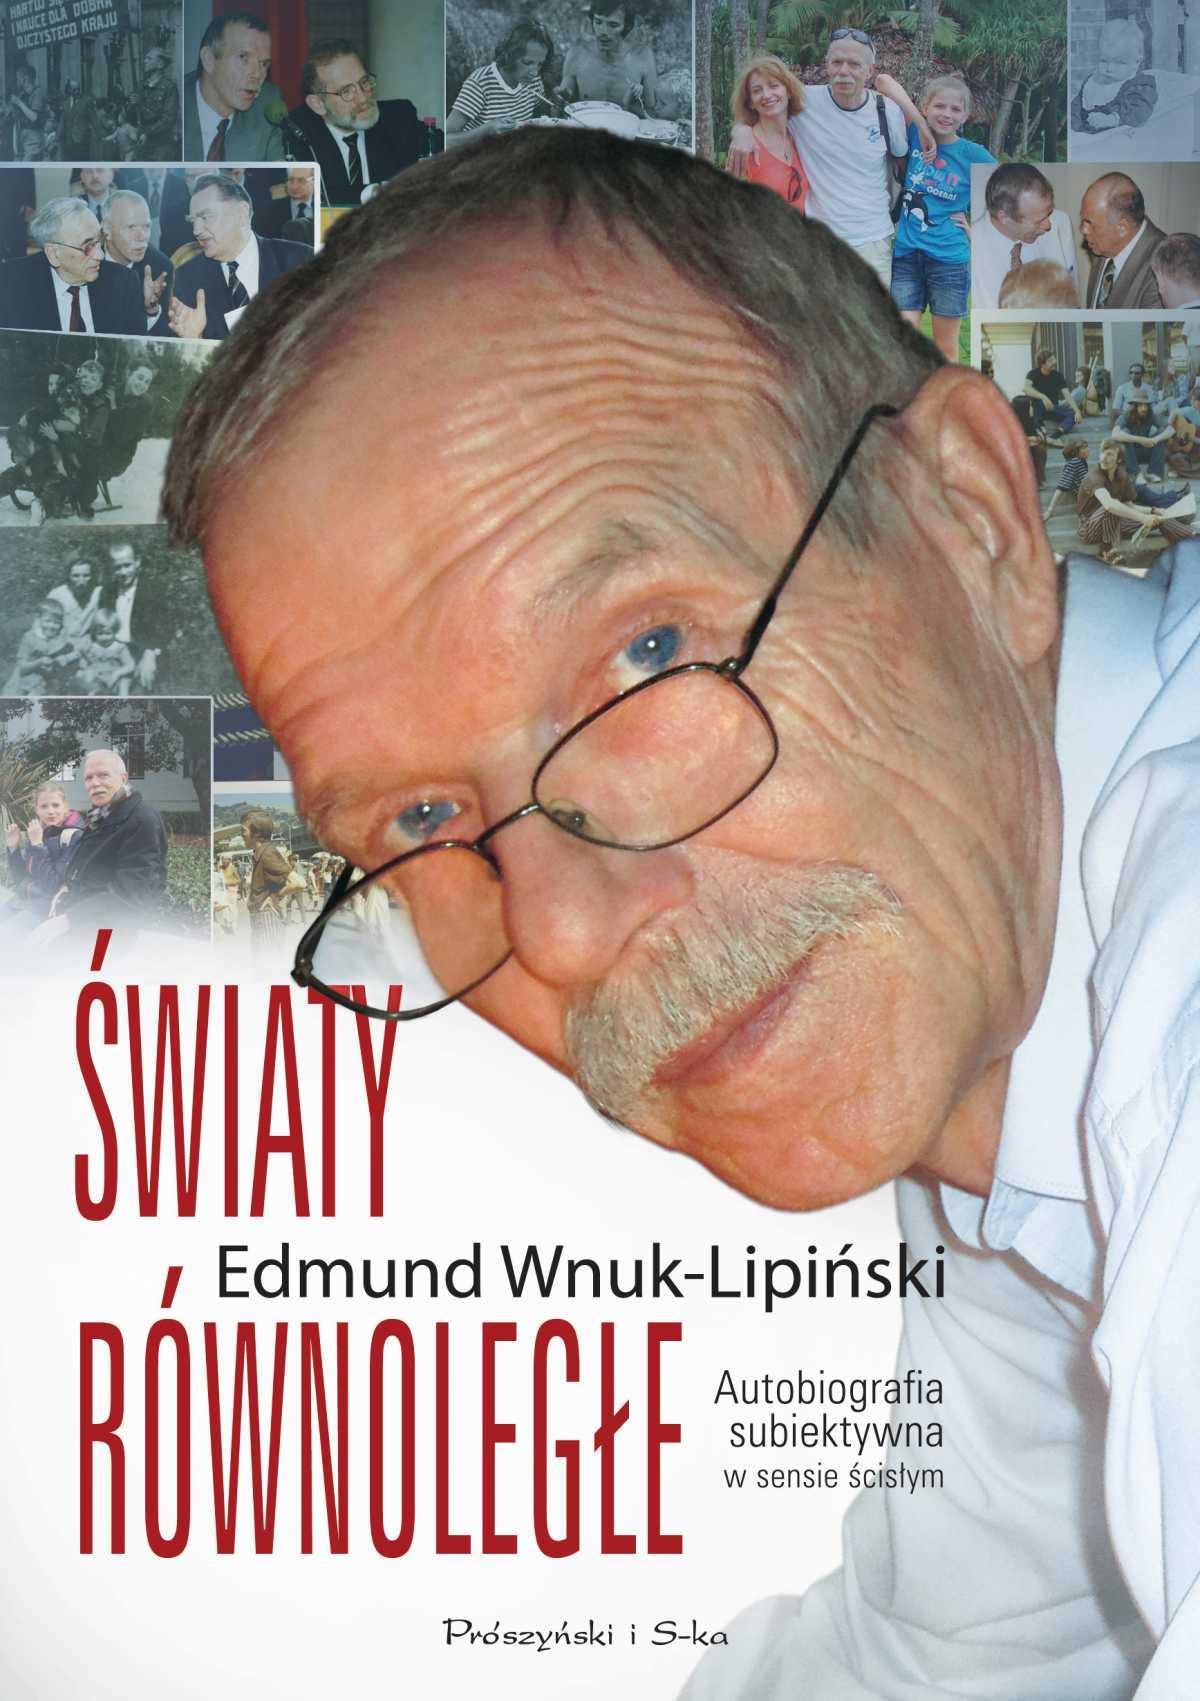 Światy równoległe. Autobiografia subiektywna w sensie ścisłym - Ebook (Książka EPUB) do pobrania w formacie EPUB